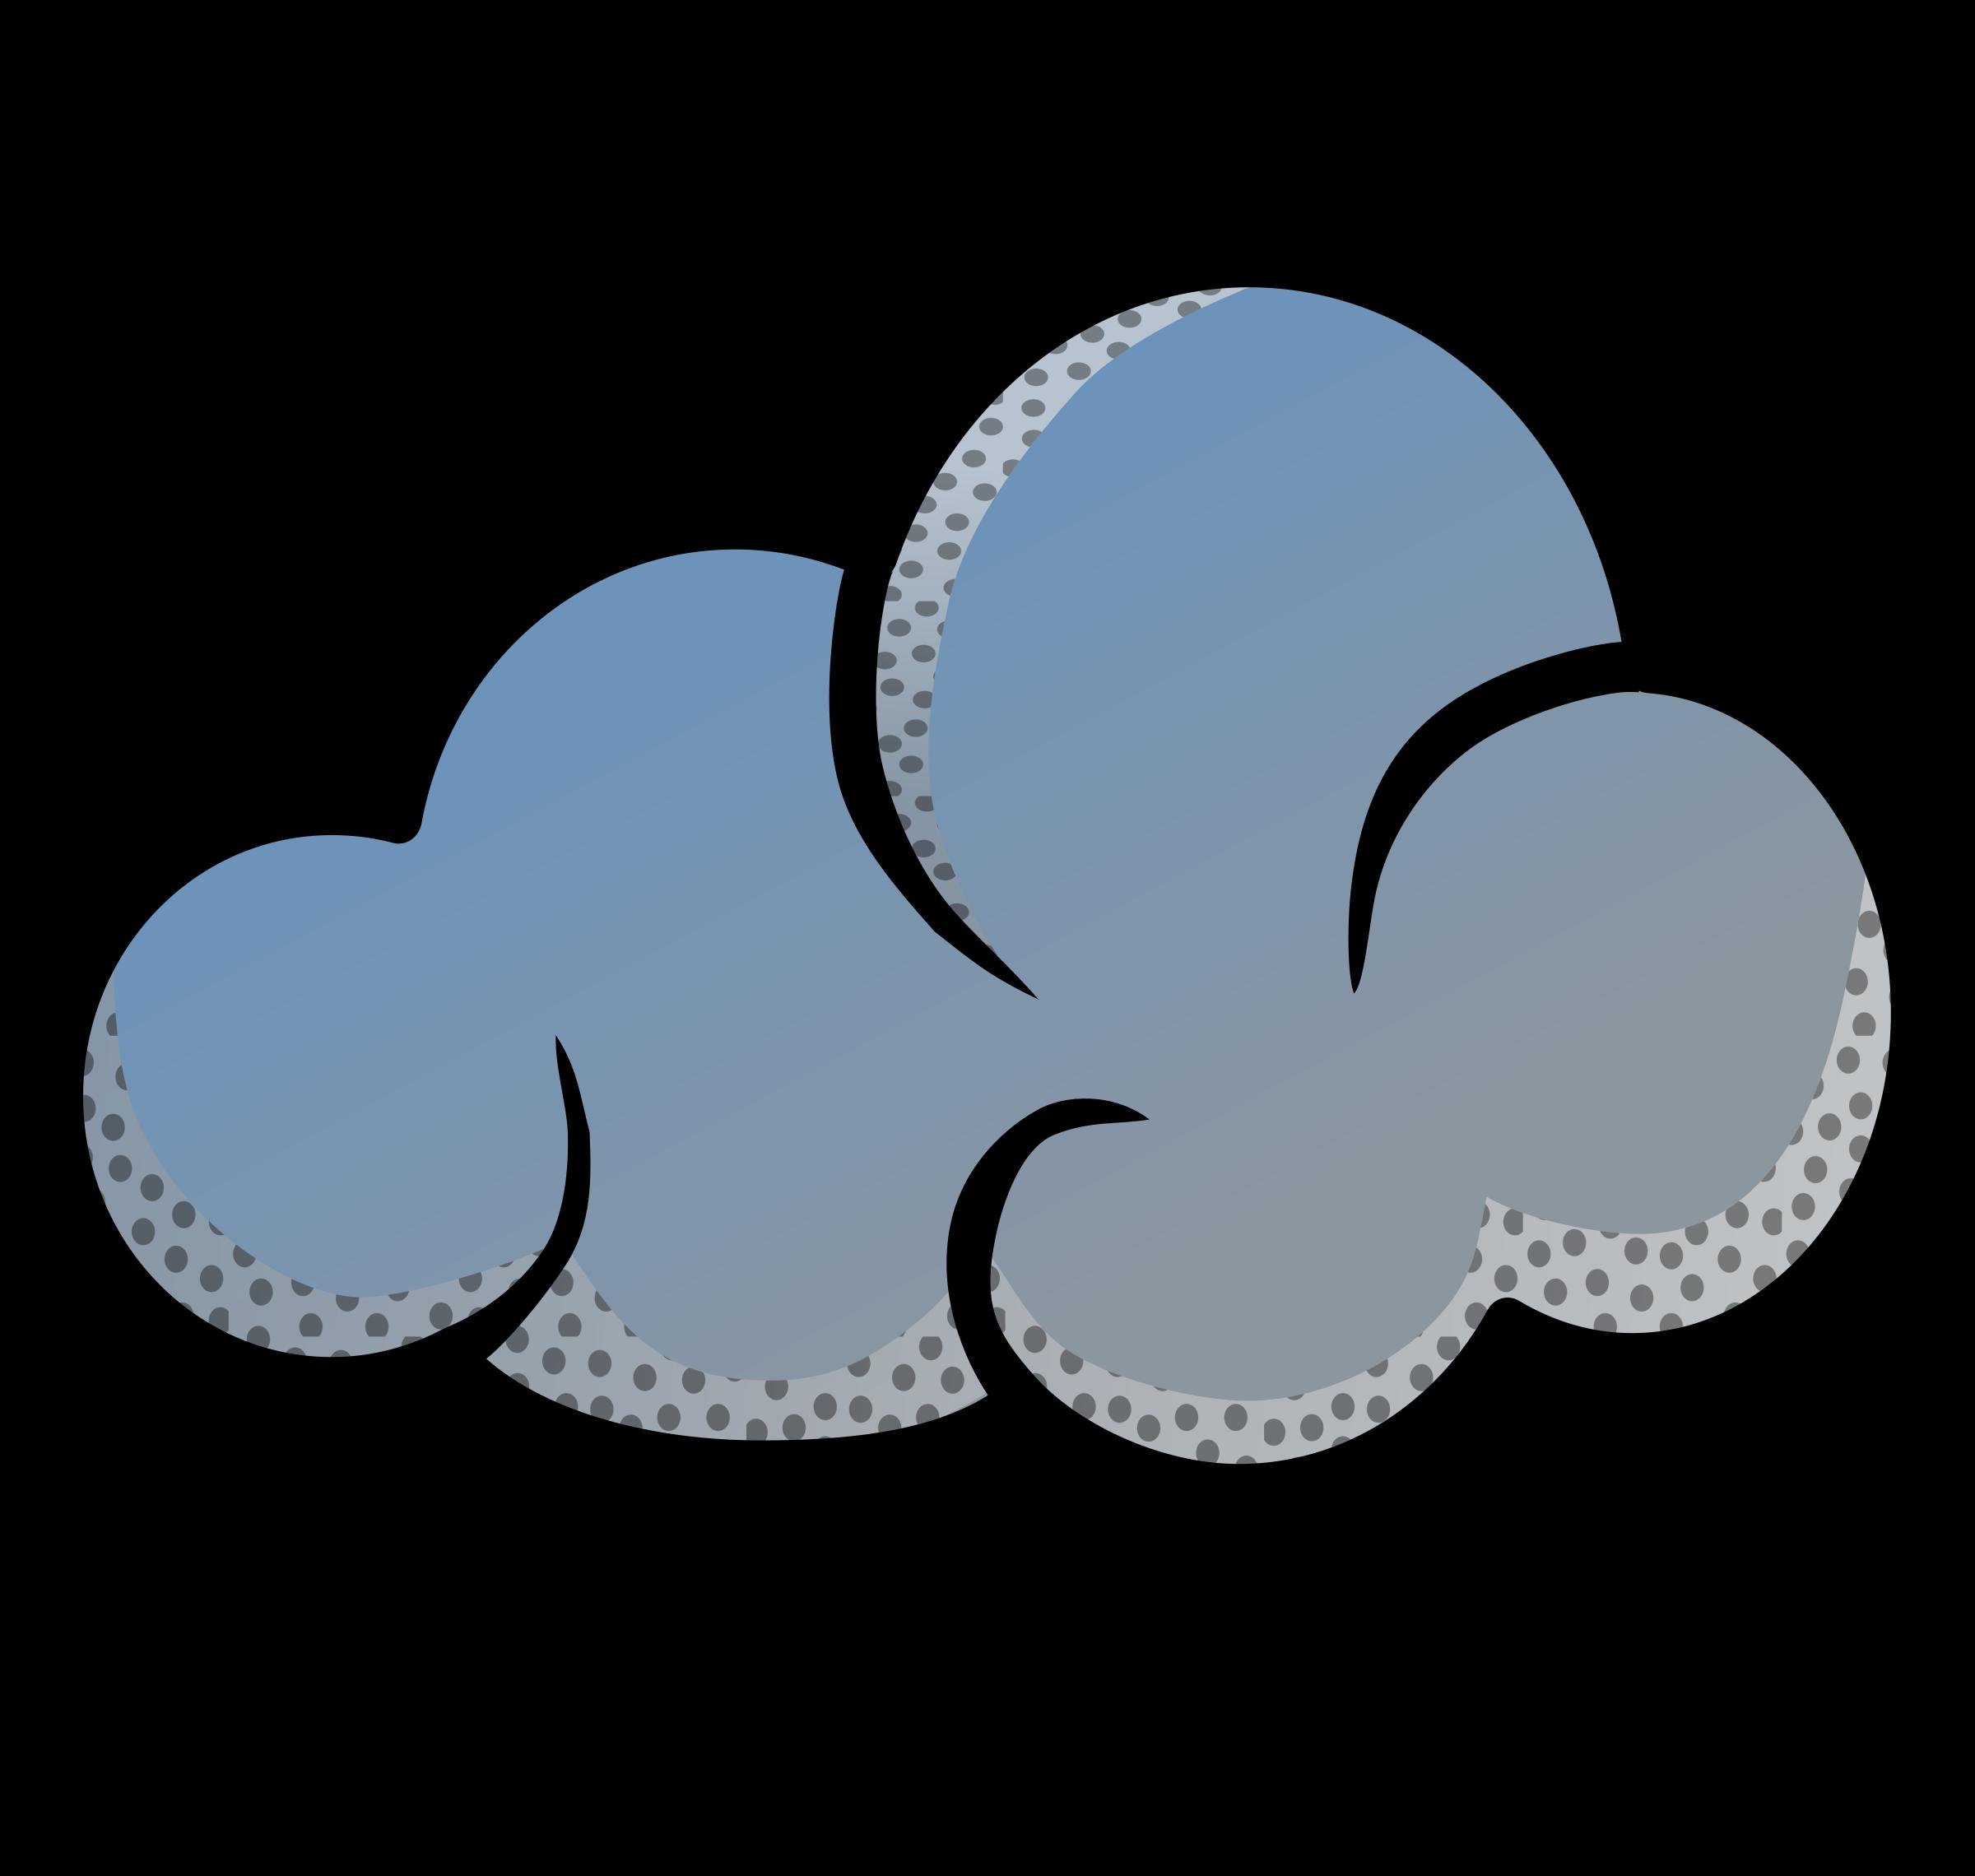 Cloud coloured big image. Clouds clipart bmp